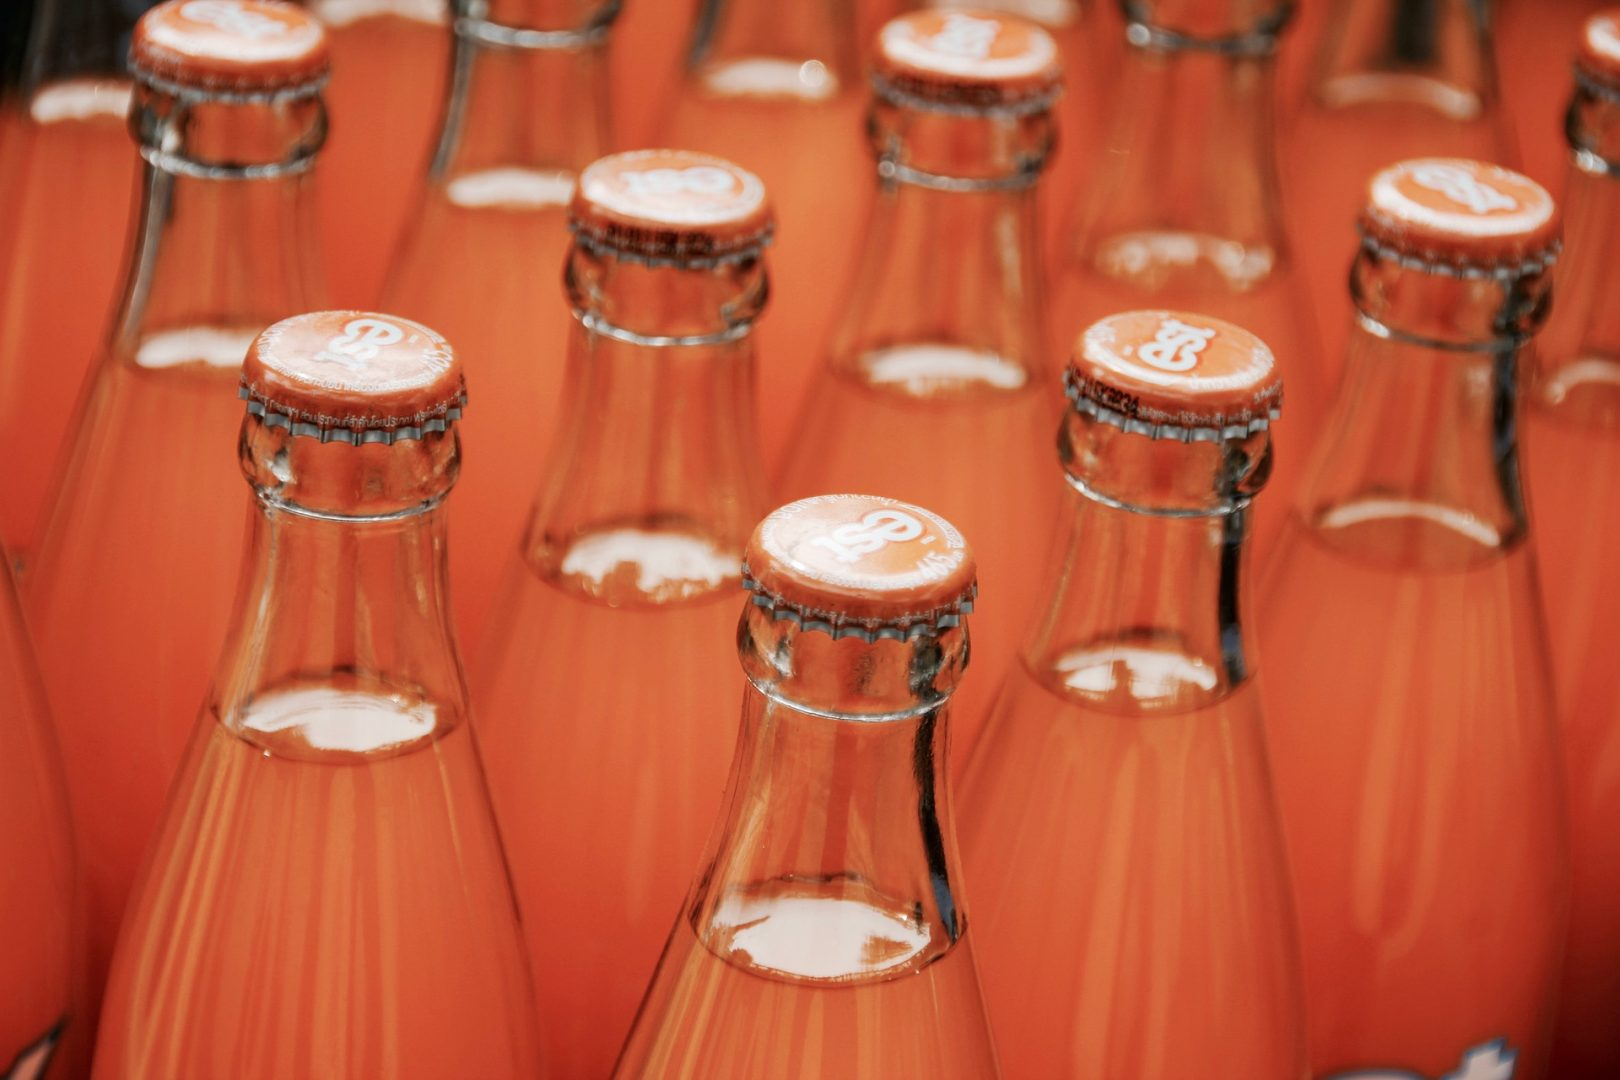 Nachhaltigkeit beim Getränkekauf: Mehrweg